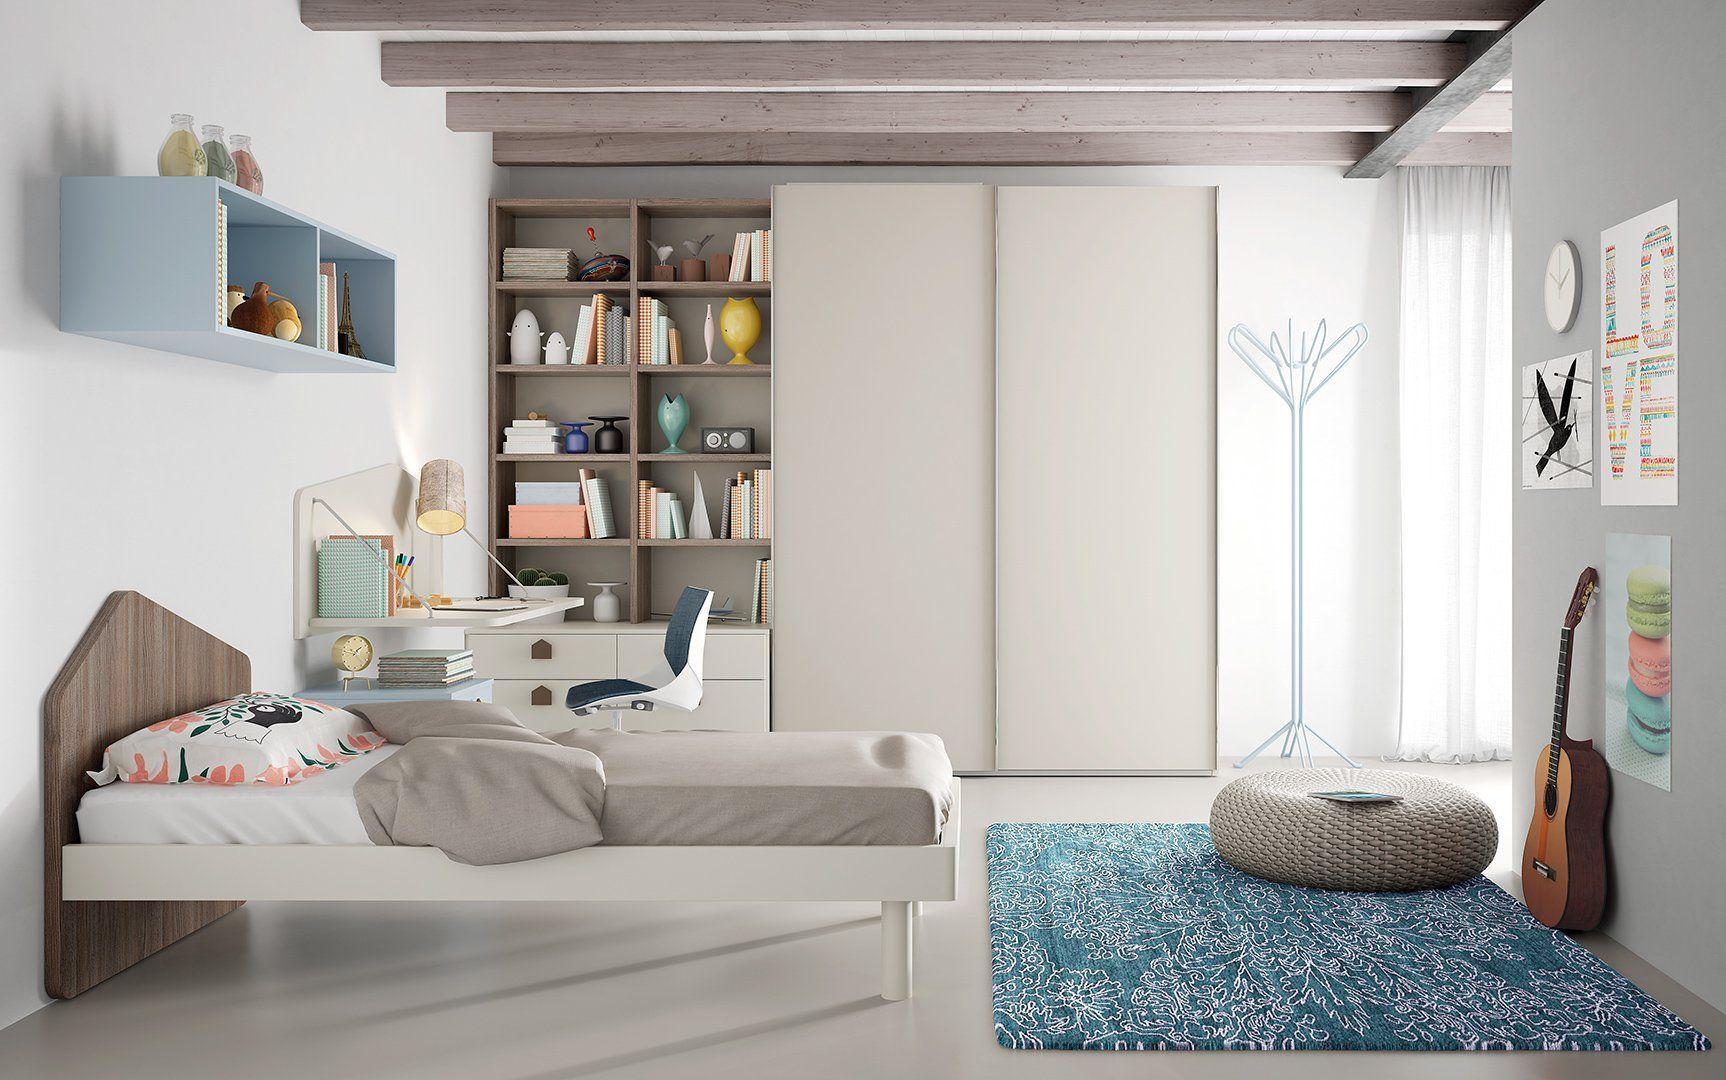 Scegli l'esperienza di oltre 60 anni nella progettazione dei divani,. Pin Su Camera Lorenzo